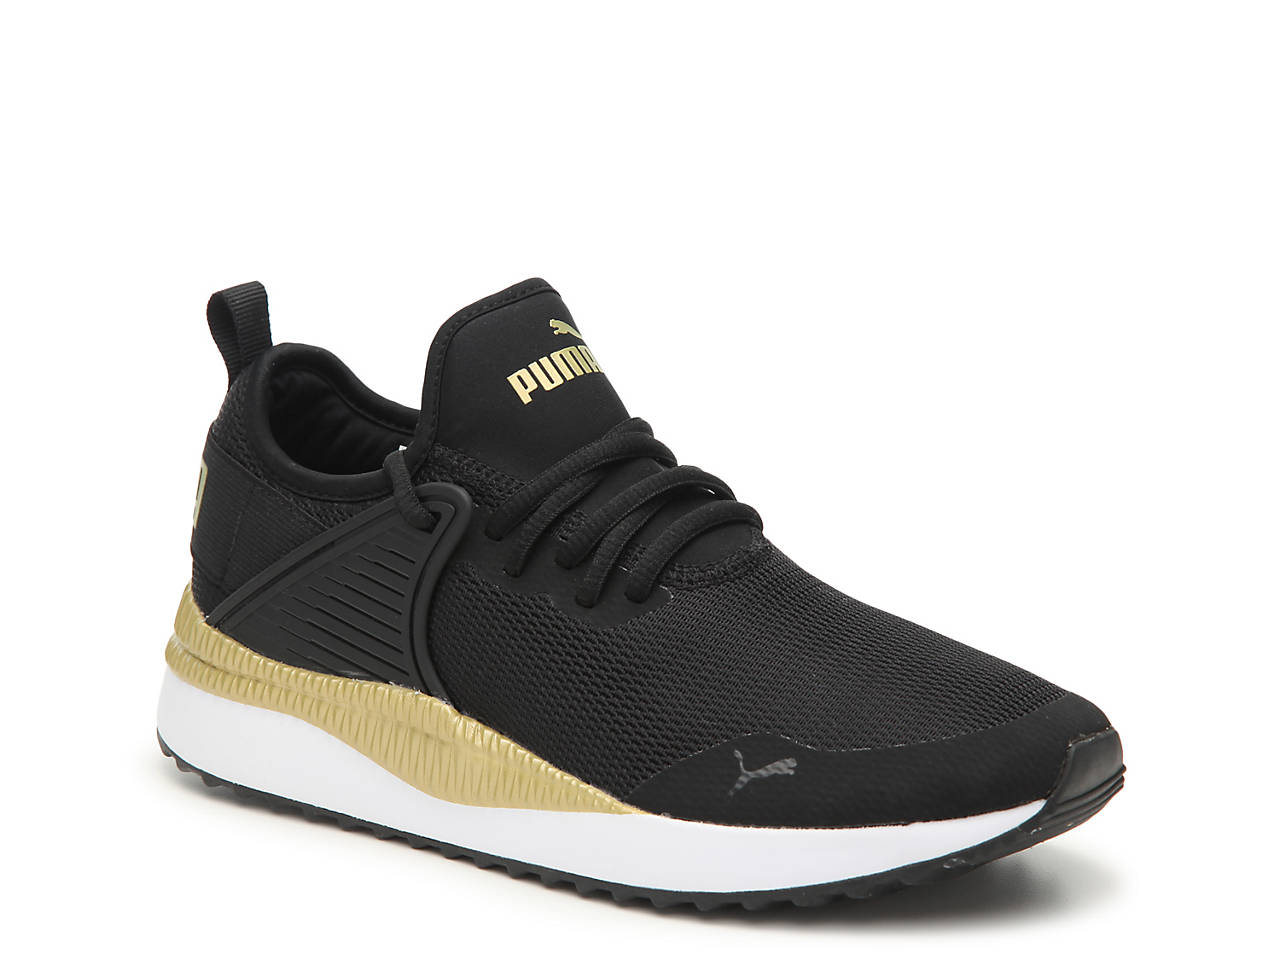 Puma Pacer Next Cage Training Shoe - Women s Women s Shoes  c8544a406